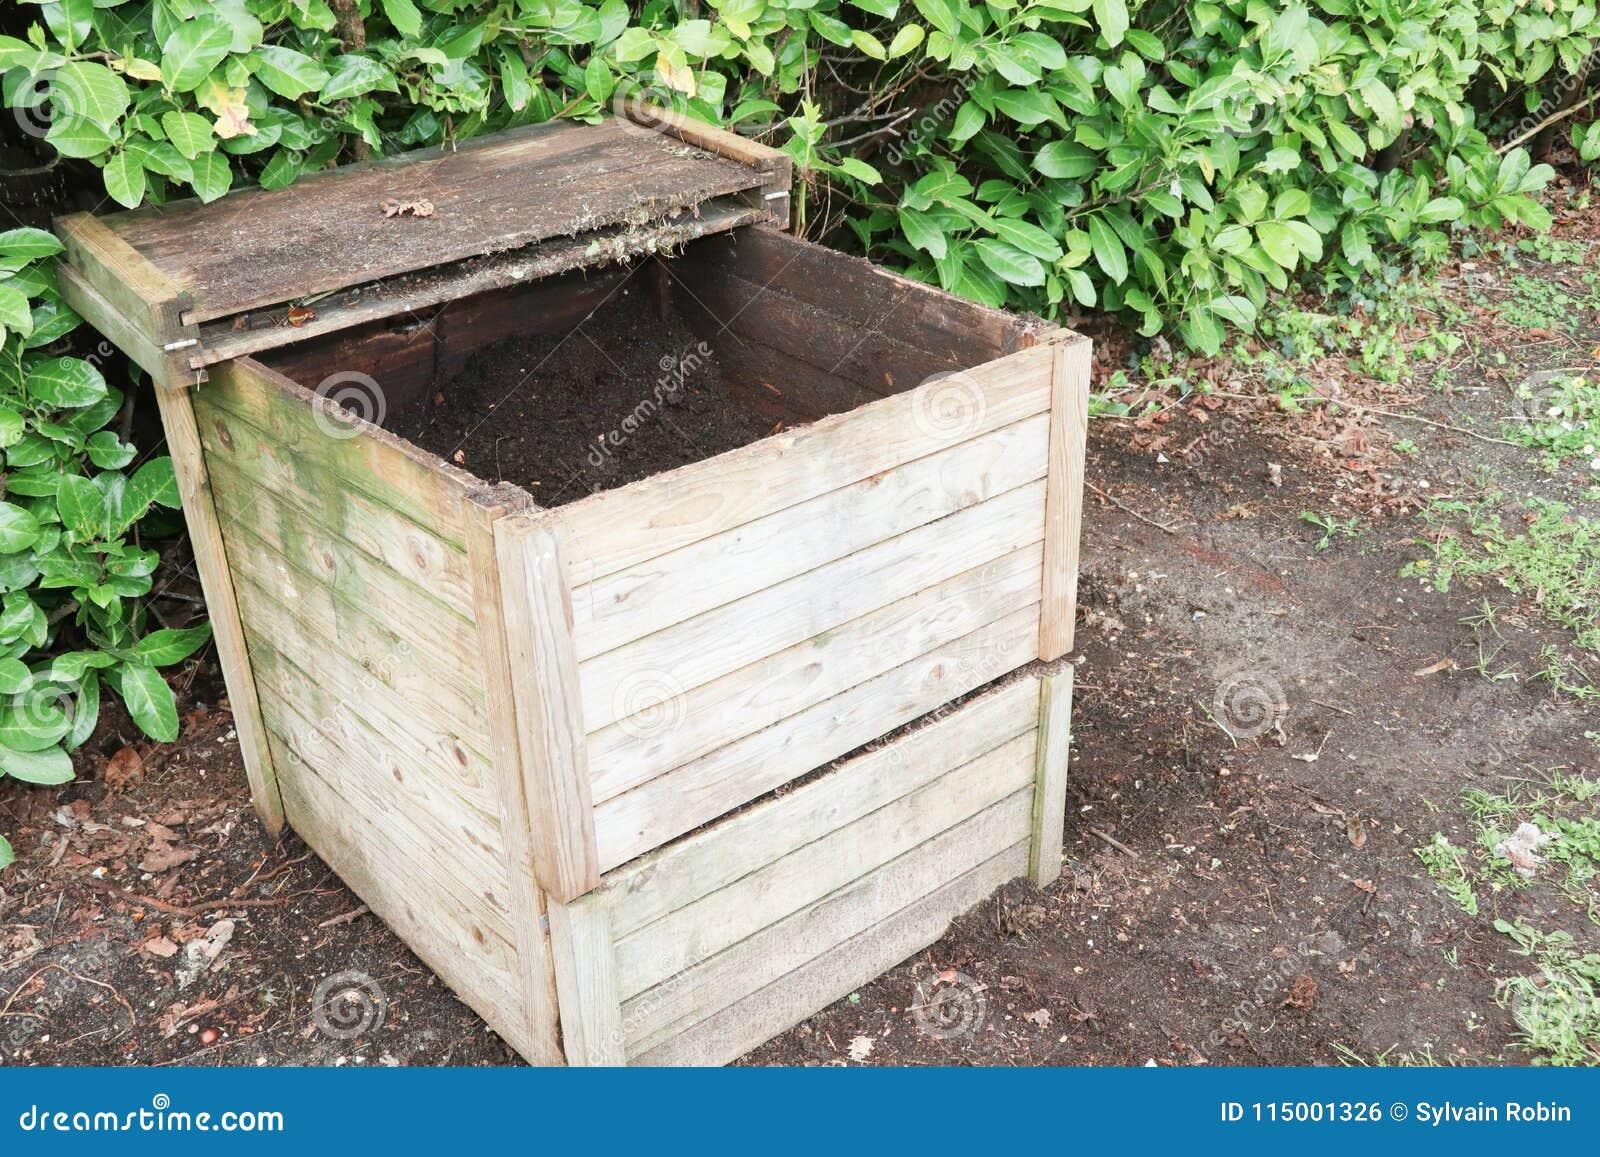 Houten openlucht het bemesten bak voor het recycling van keuken en tuin organisch afval